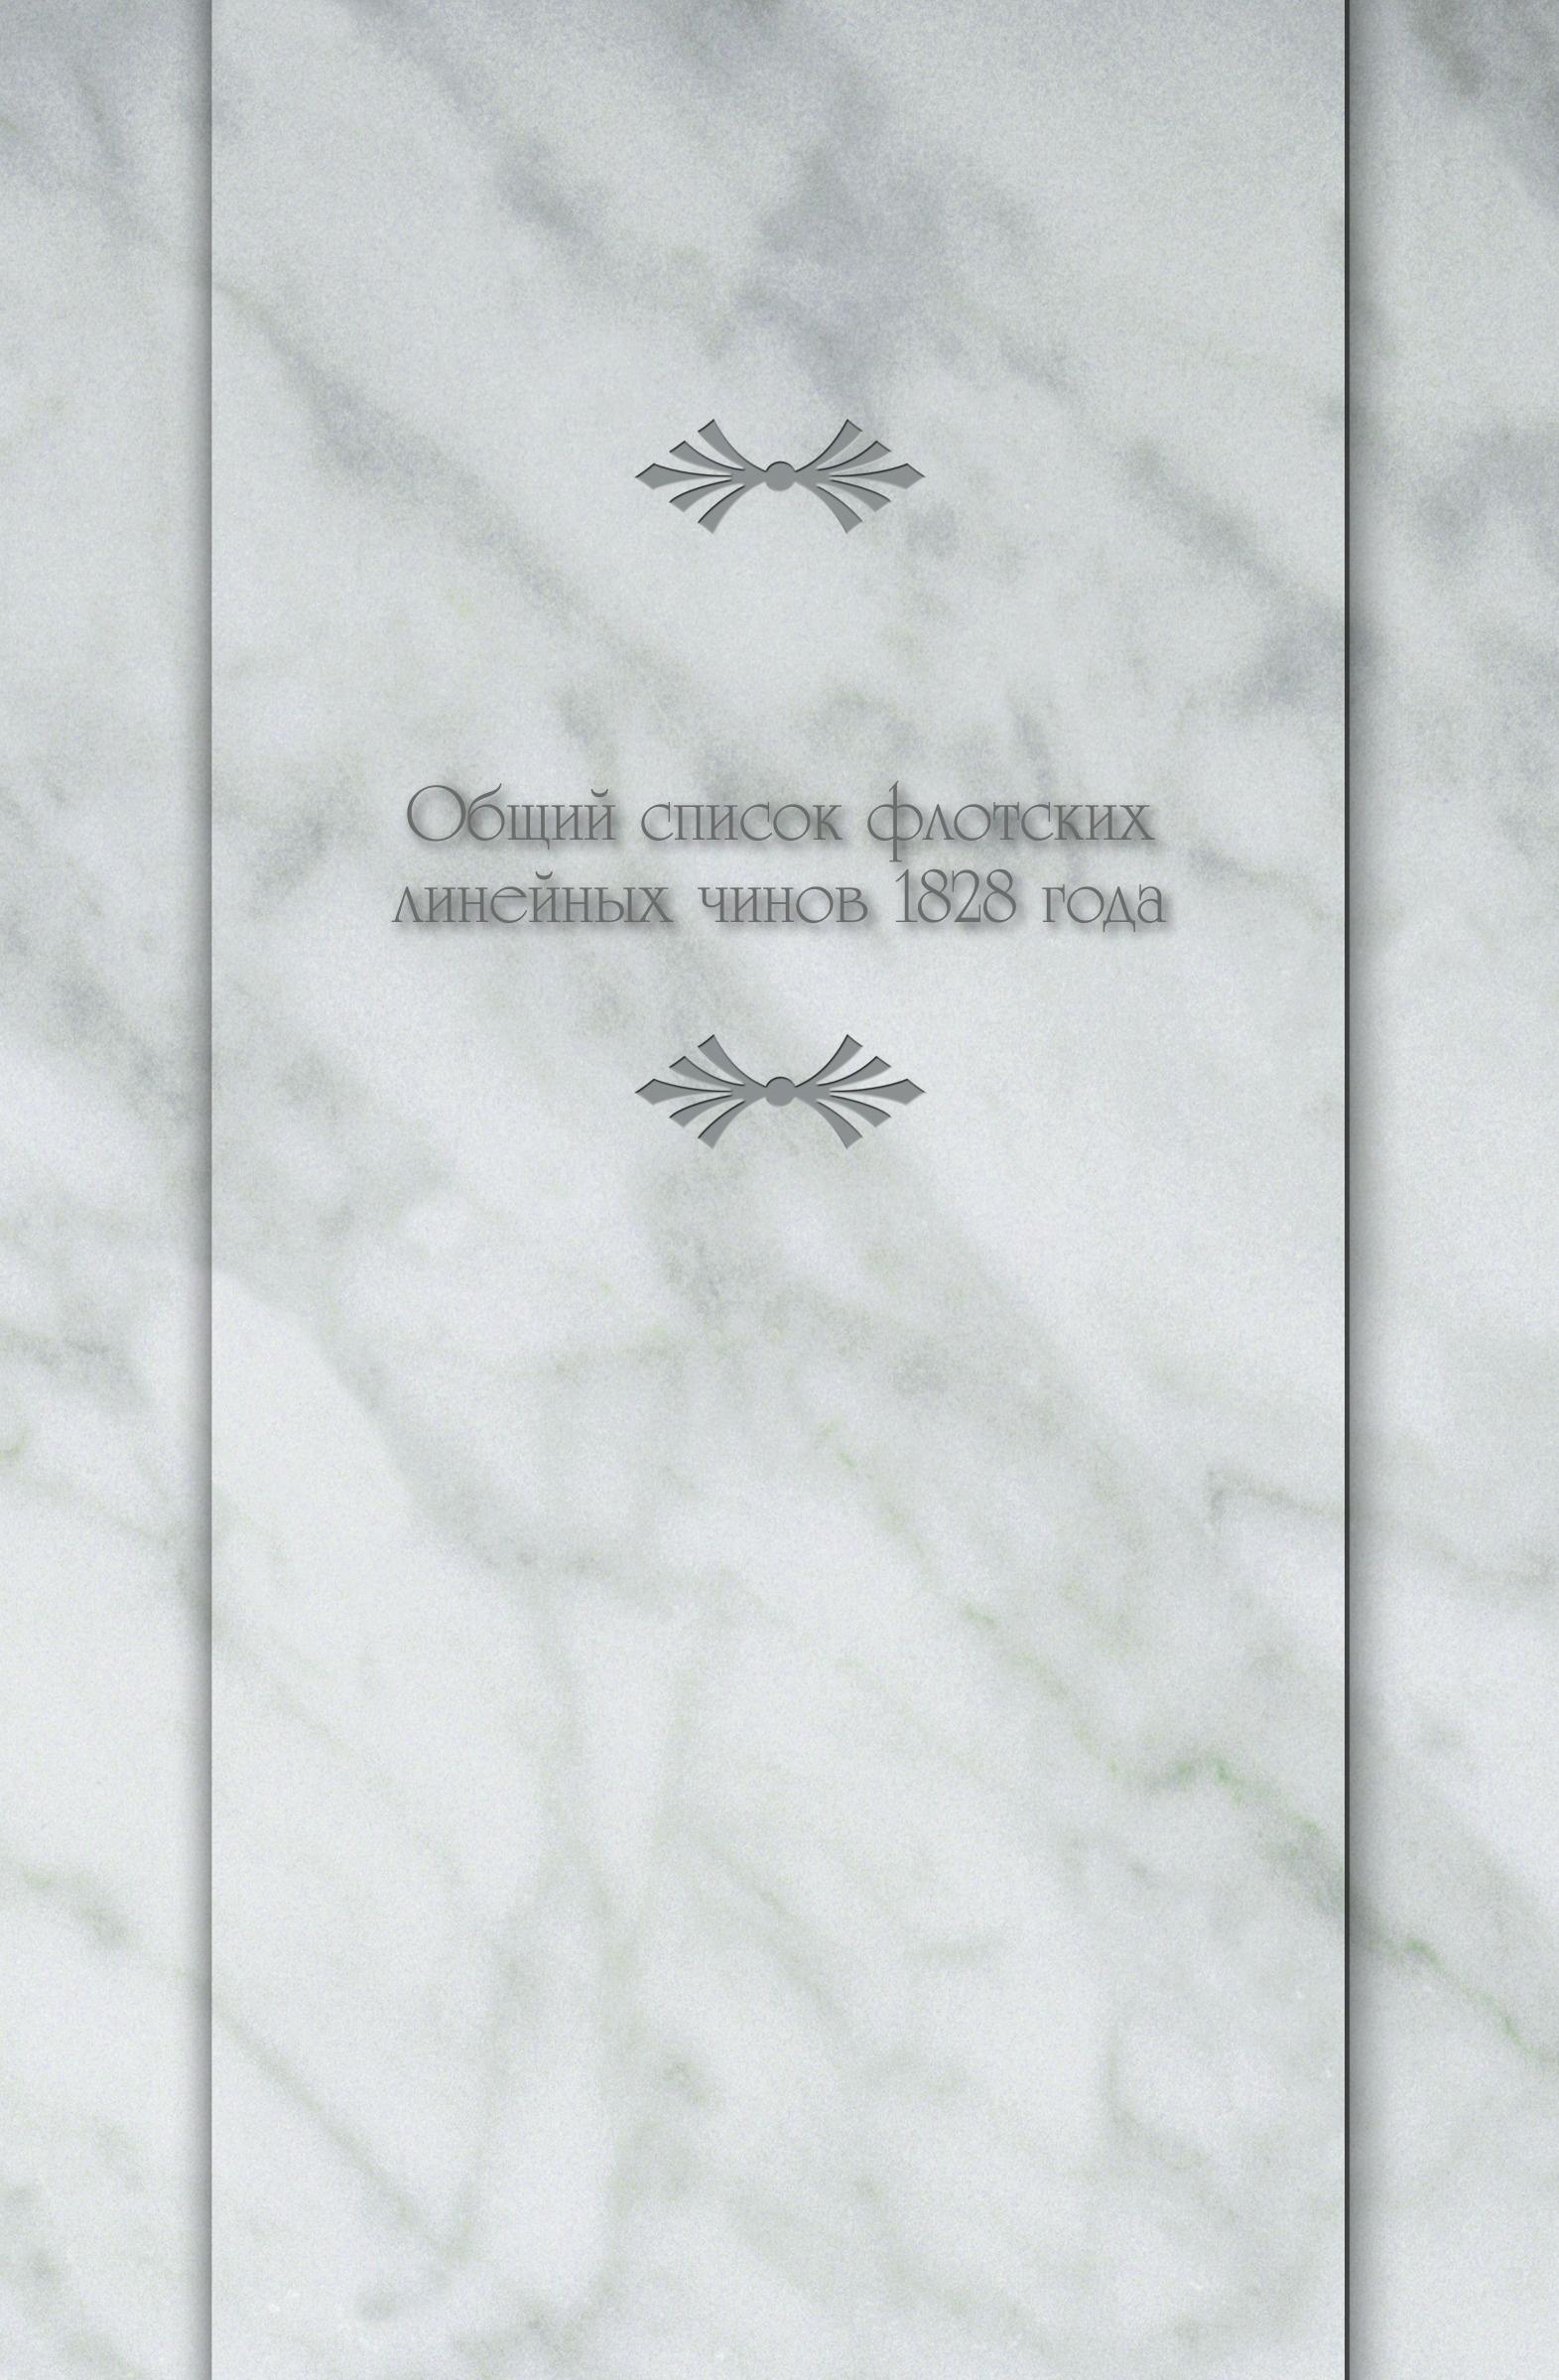 Неизвестный автор Общий список флотских линейных чинов 1828 года неизвестный автор общий состав управлений и чинов отдельного корпуса жандармов